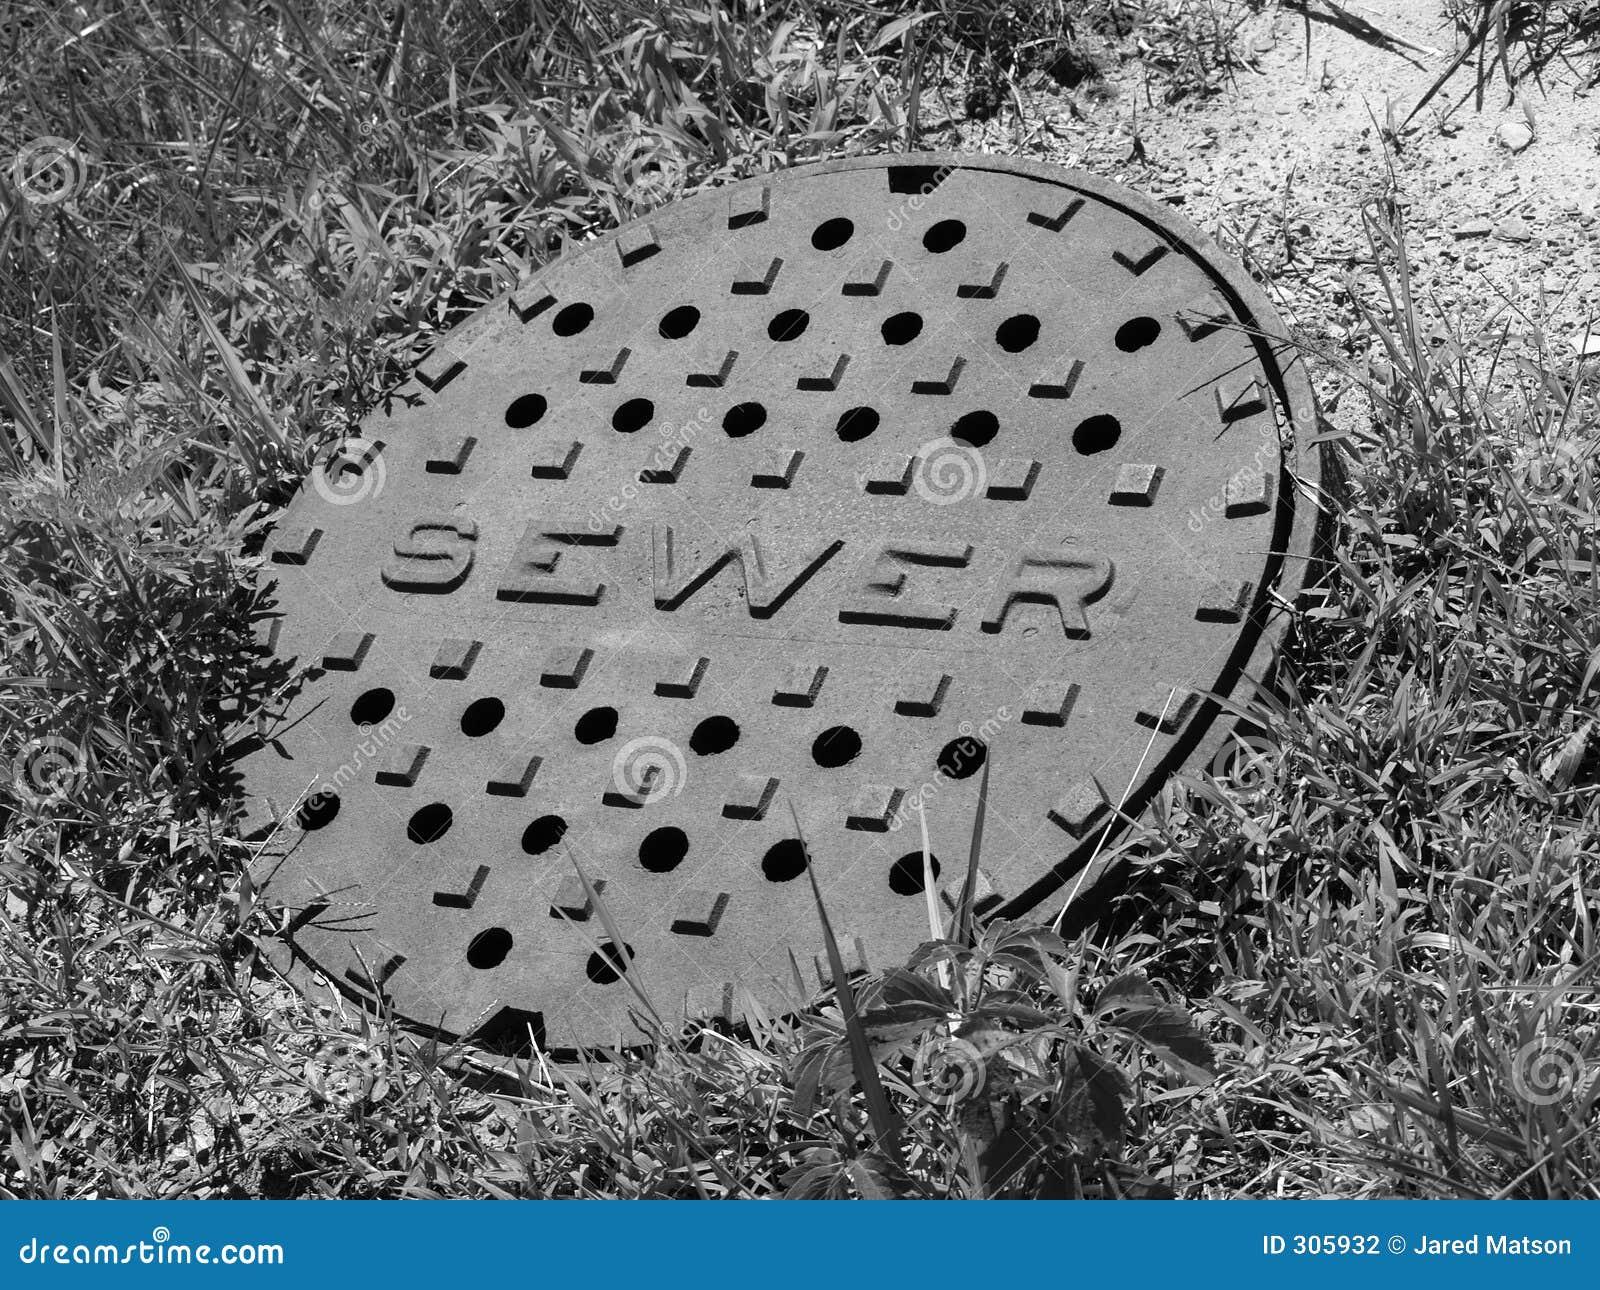 B obejmuje kanału ściekowego w